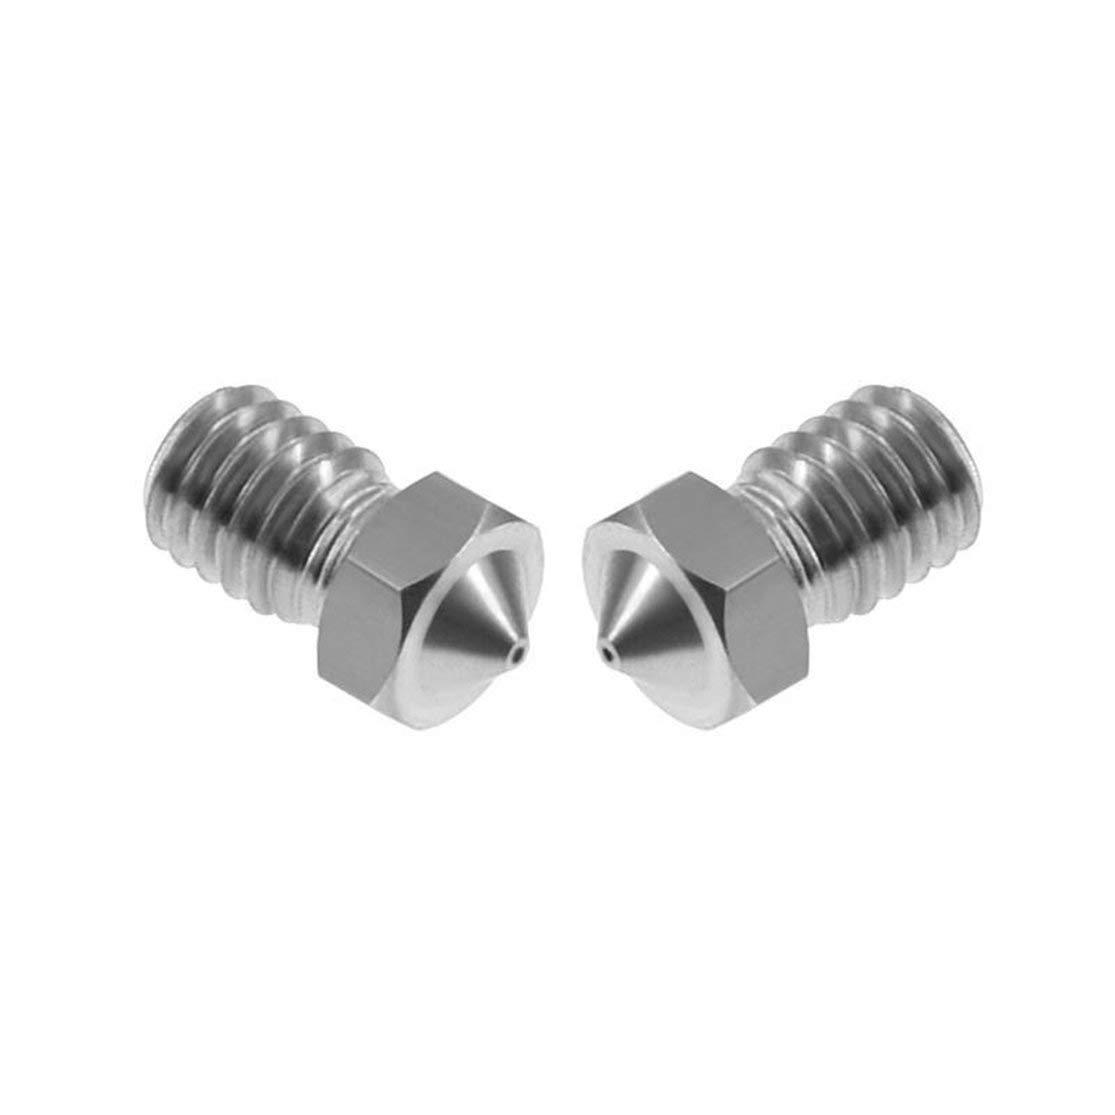 Lot E3D M6 Boquillas V5 V6 Boquilla de Metal 0.2//0.25//0.3//0.4//0.5//0.6//0.8//1.0mm para Piezas de Impresora 3D Filamnet 3D de 1.75 mm 3 mm LouiseEvel215 10Pcs